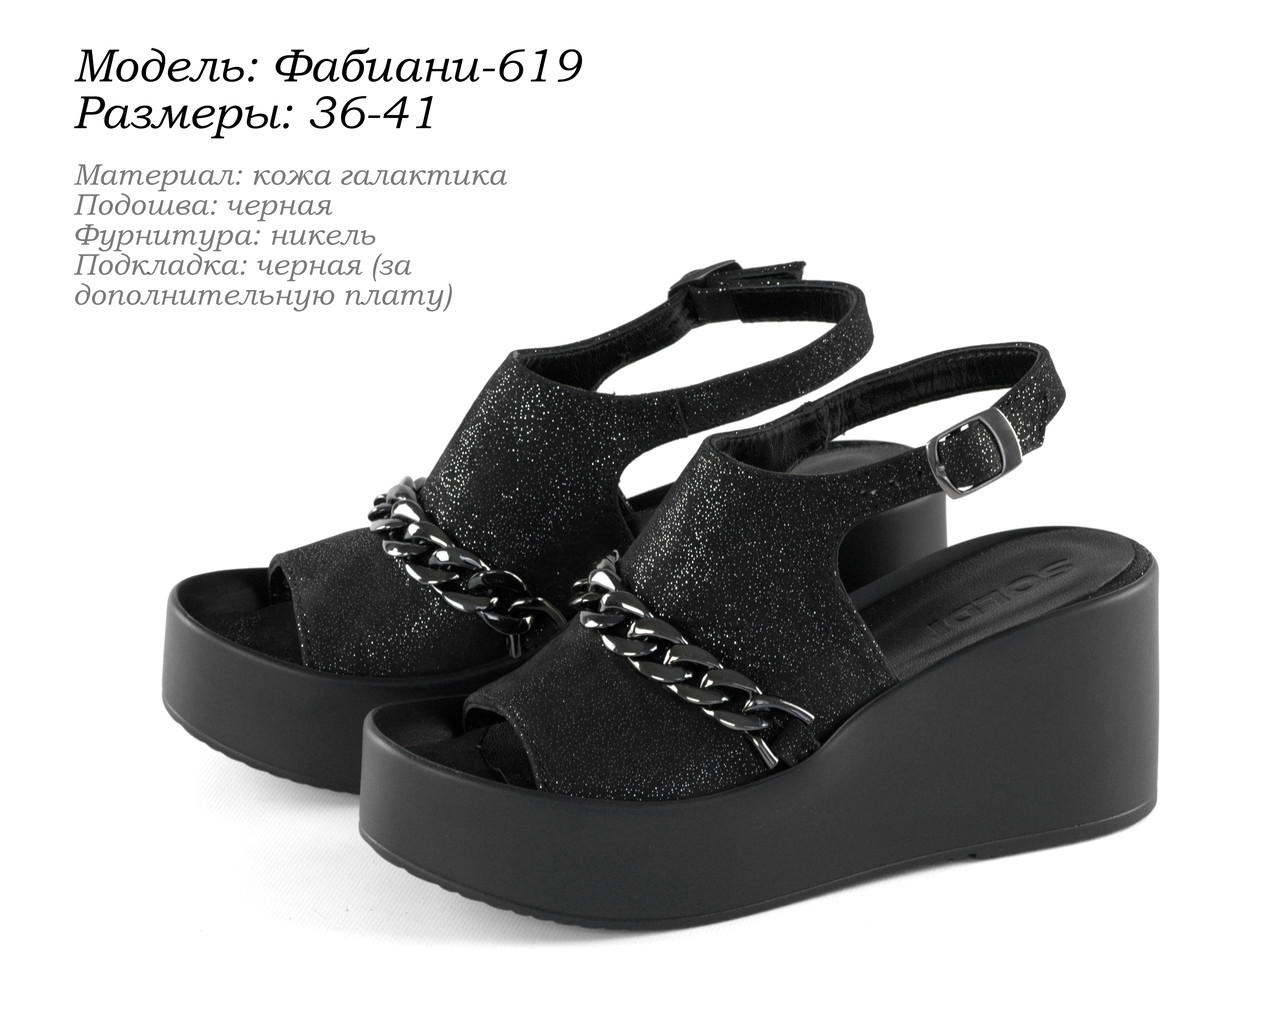 Кожаная женская обувь. Украина.